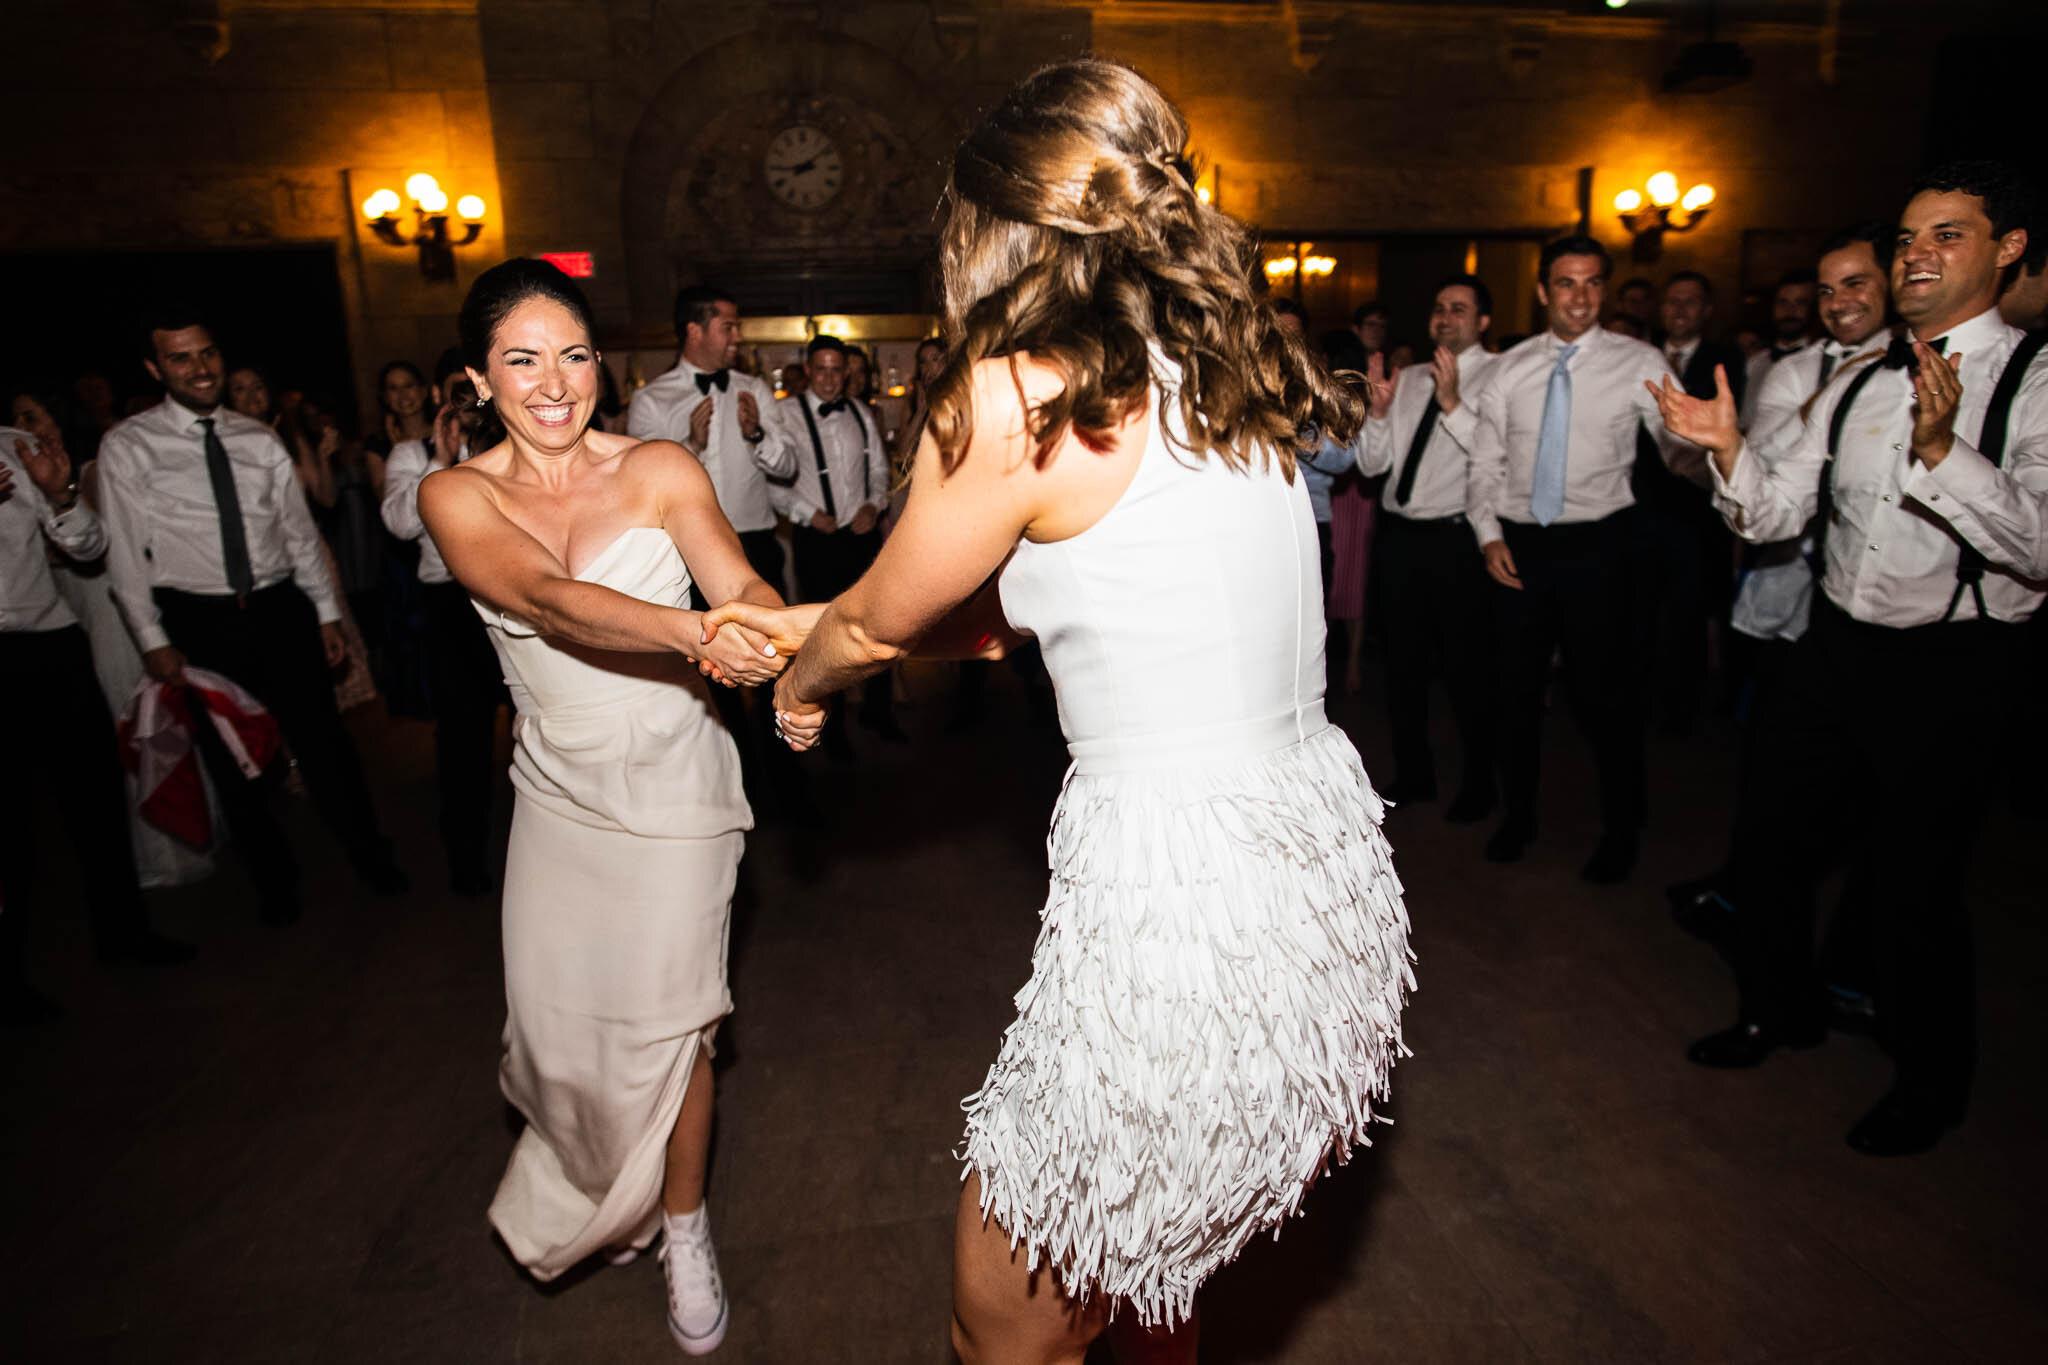 Montreal Wedding Photographer AshleyMacPhee (37 of 49).jpg